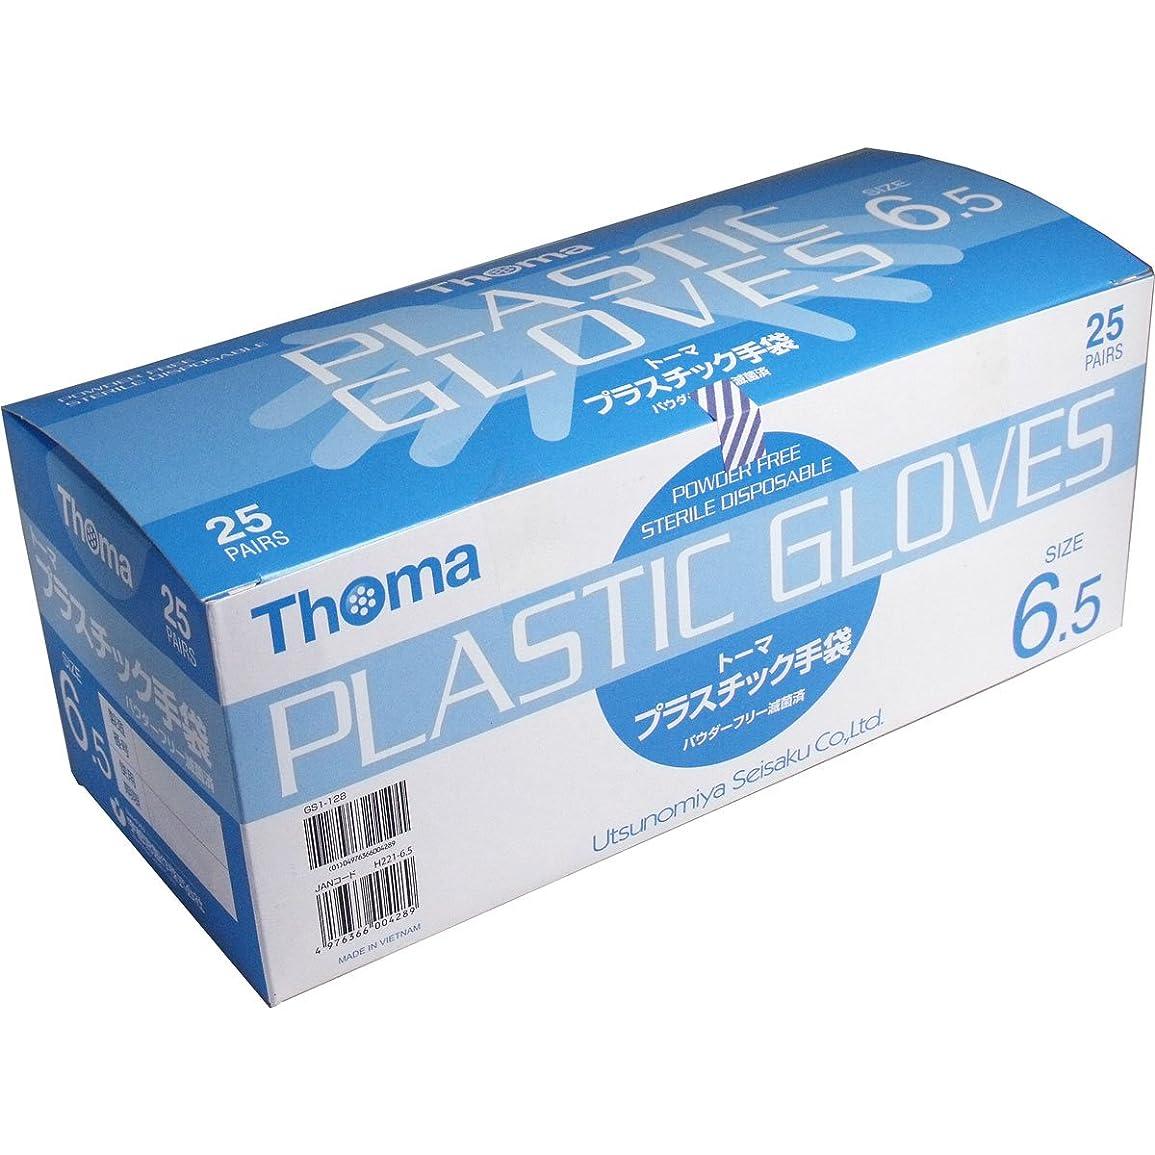 配置部族核超薄手プラスチック手袋 1双毎に滅菌包装、衛生的 便利 トーマ プラスチック手袋 パウダーフリー滅菌済 25双入 サイズ6.5【4個セット】